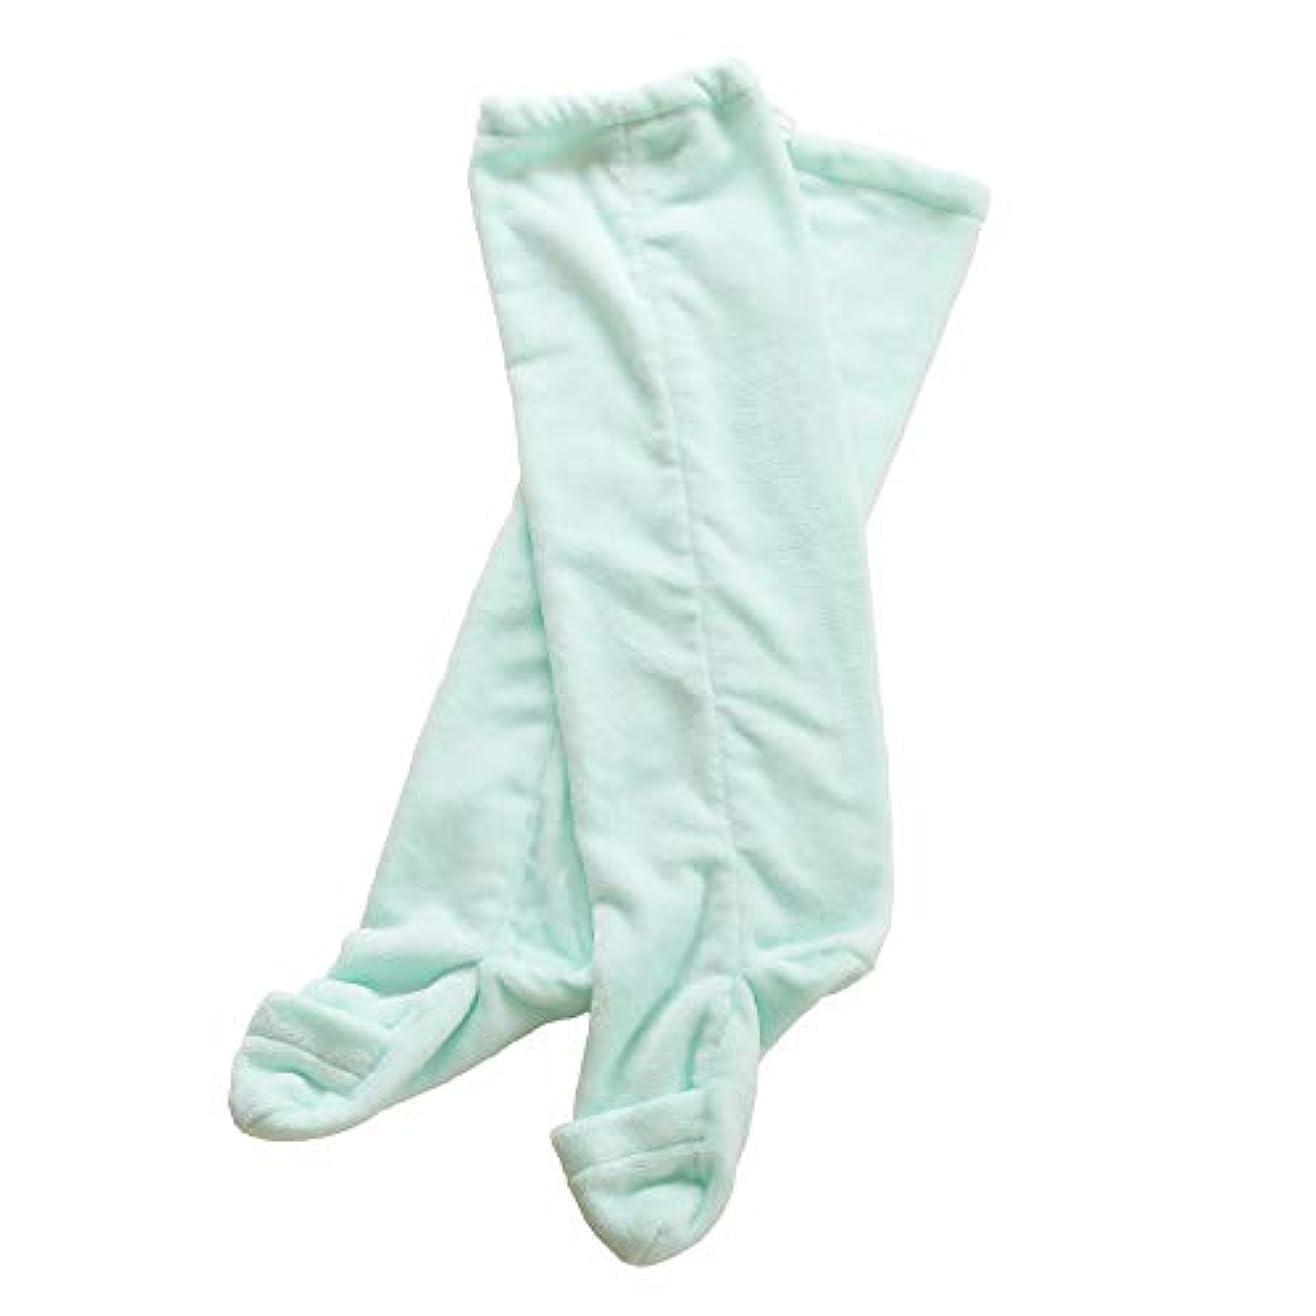 復活従事したコンバーチブルあったか ルームソックス 極暖 足が出せるロングカバー レッグウォーマー 冷え取り靴下 履く毛布